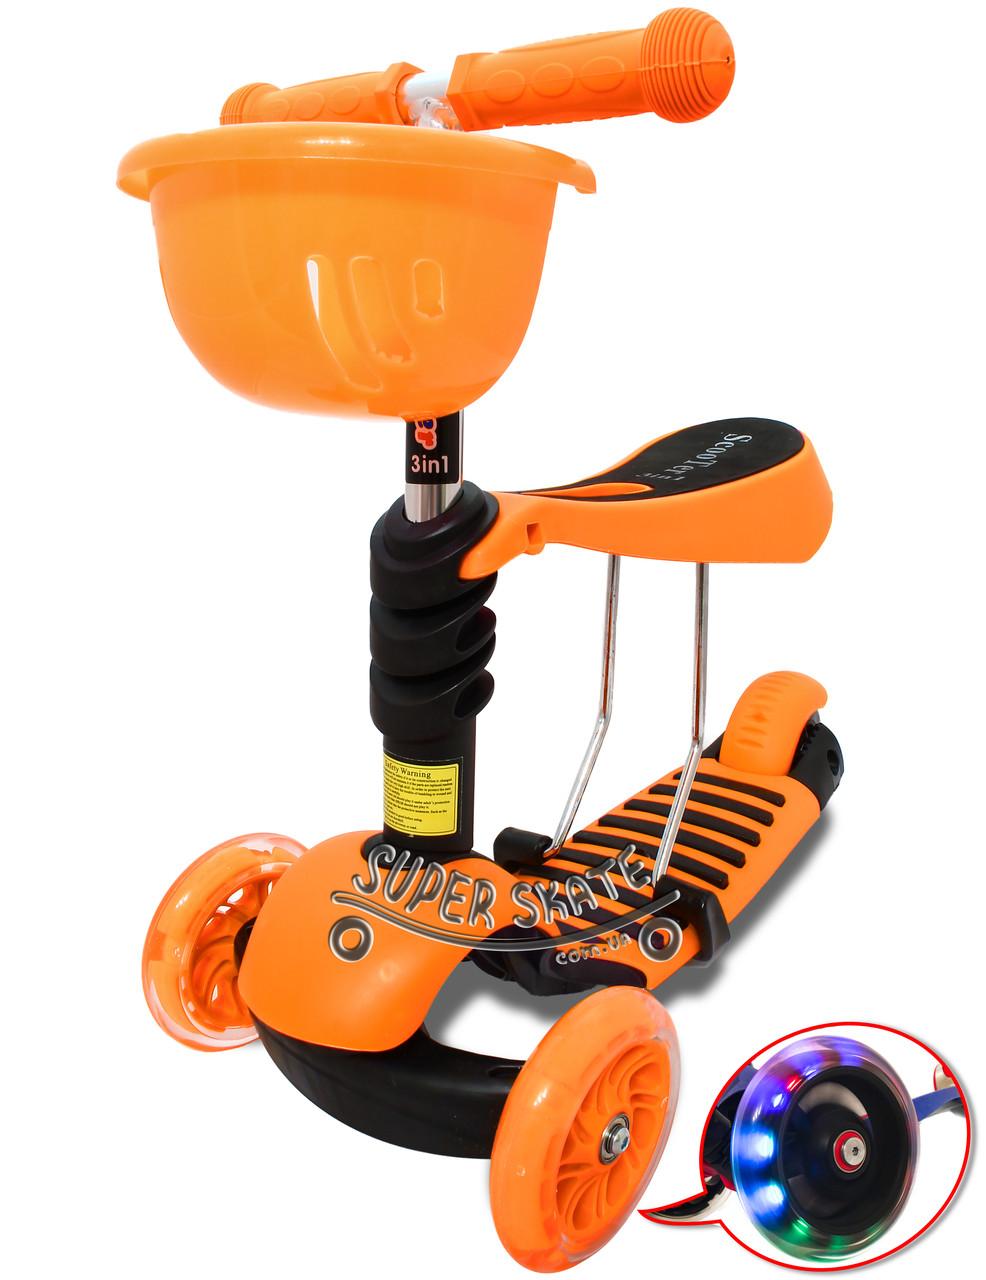 Трехколесный Самокат/Беговел Scooter Simple - 3в1